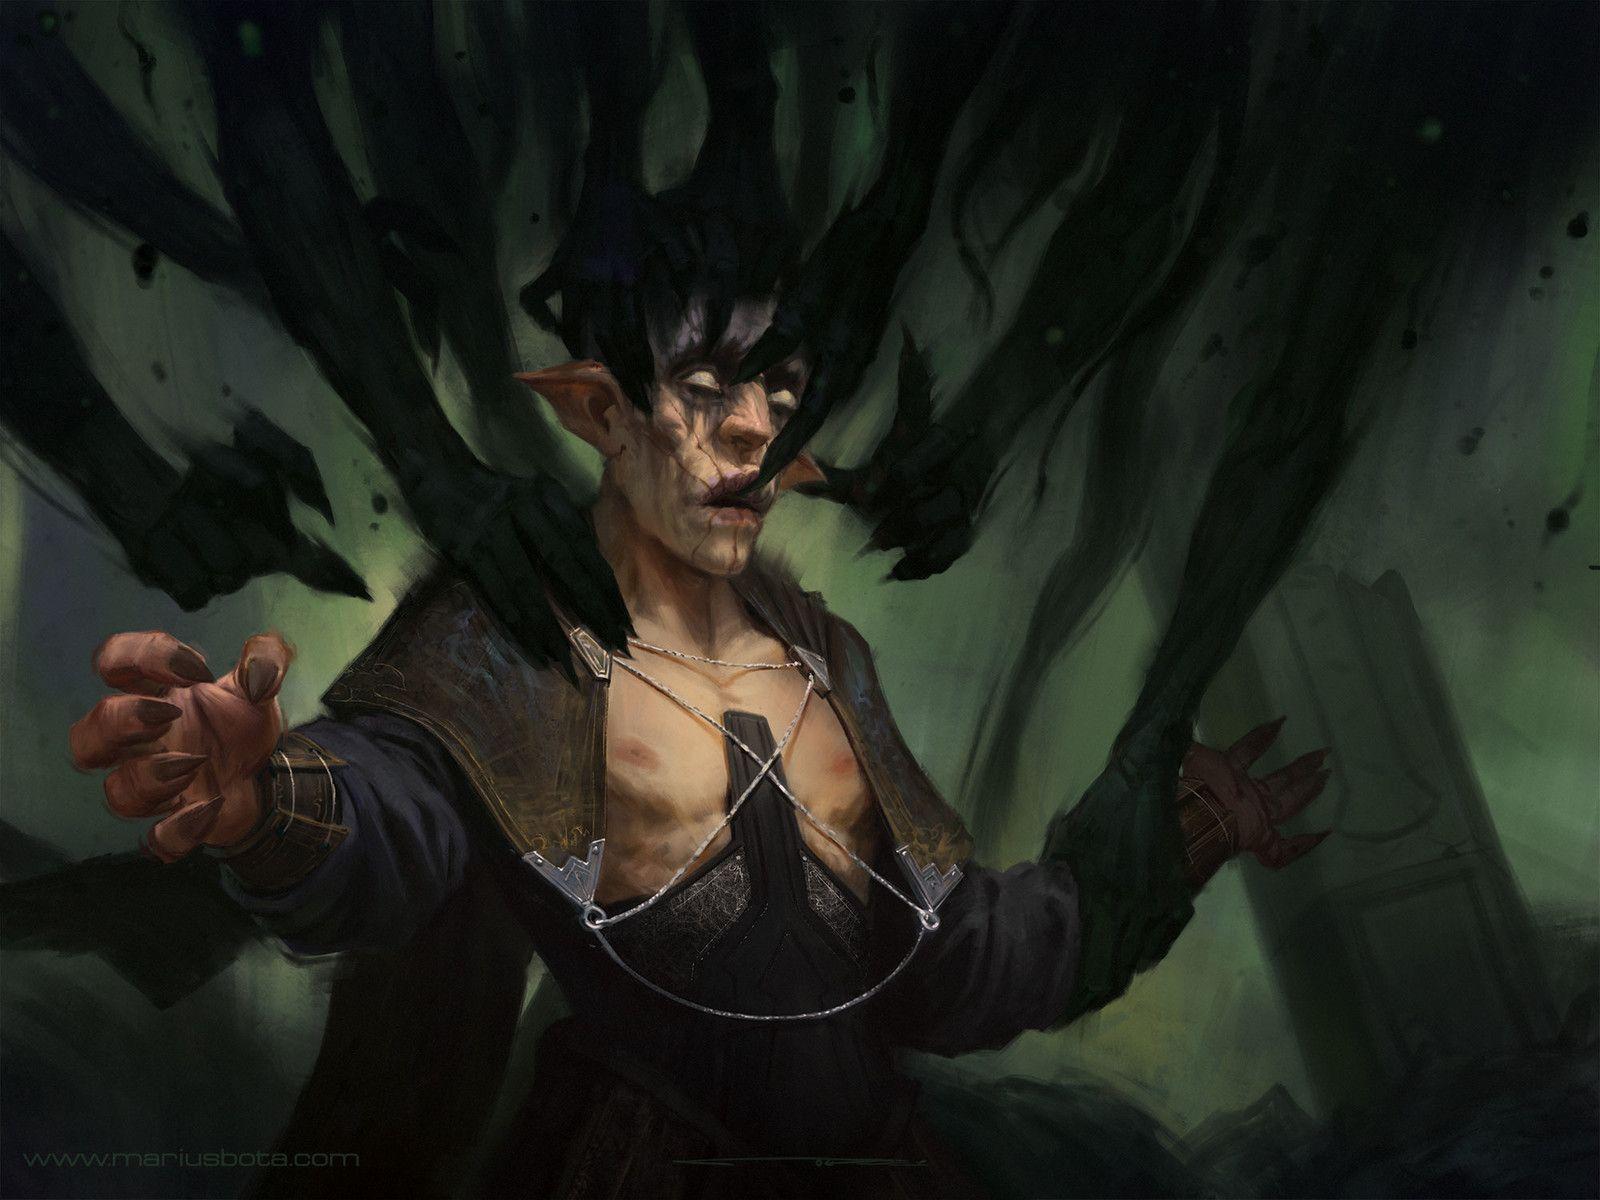 Grasping Darkness , Marius Bota on ArtStation at https://www.artstation.com/artwork/bVQ8a